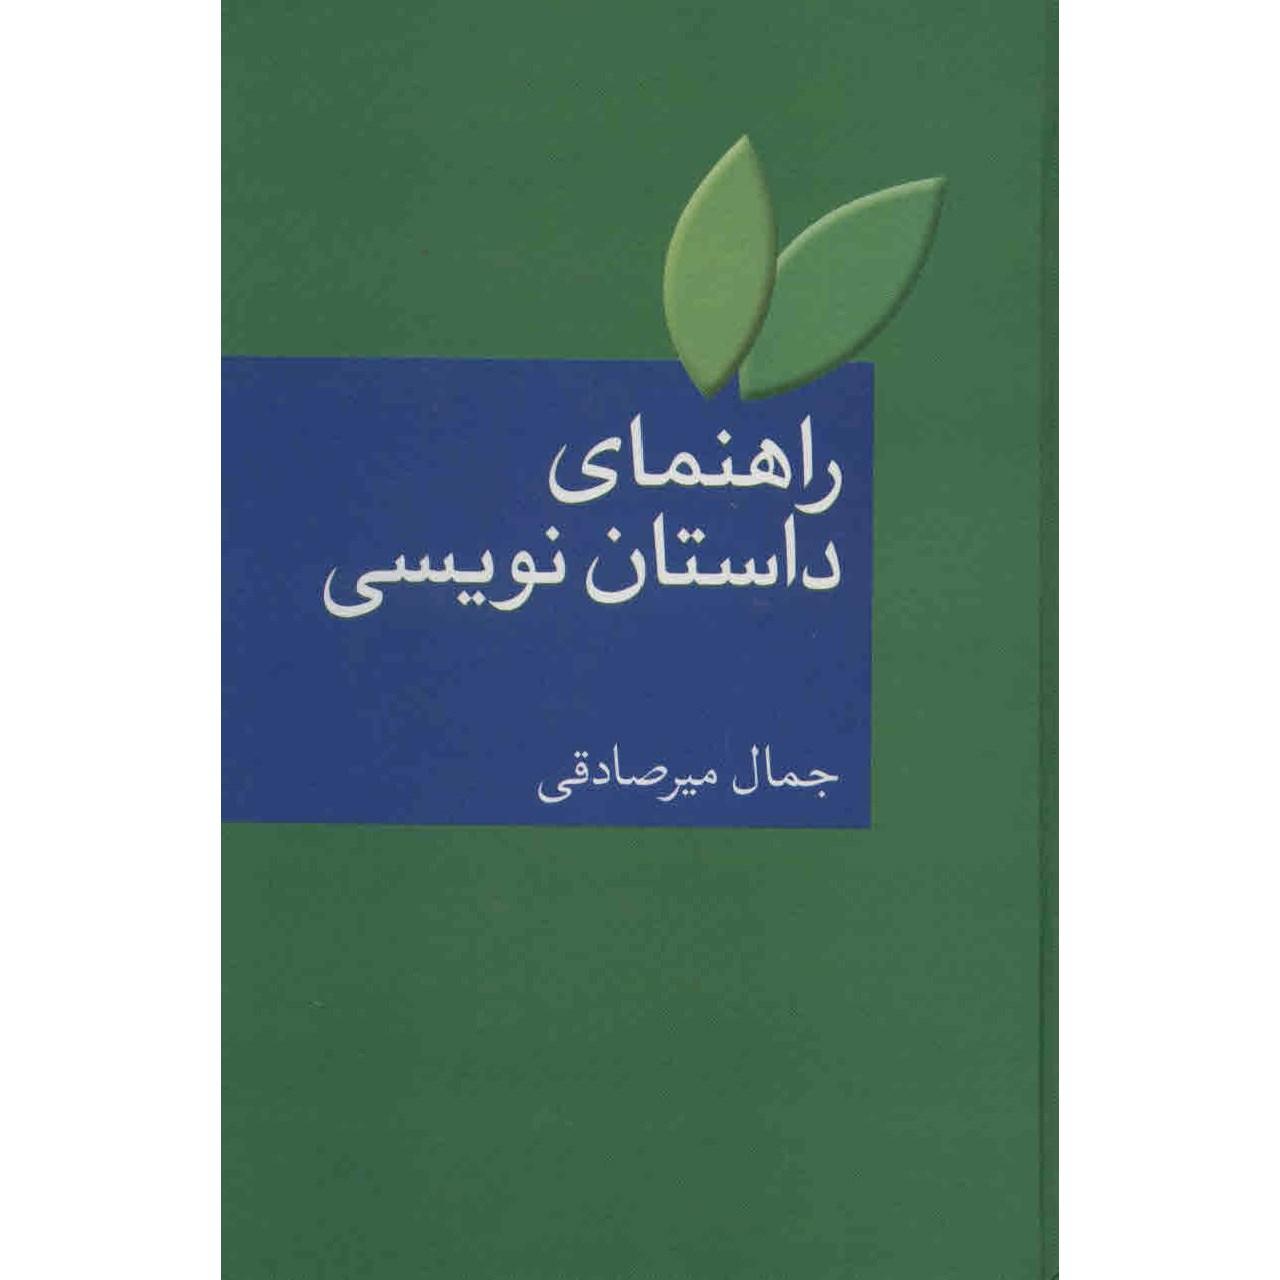 خرید                      کتاب راهنمای داستان نویسی اثر جمال میرصادقی